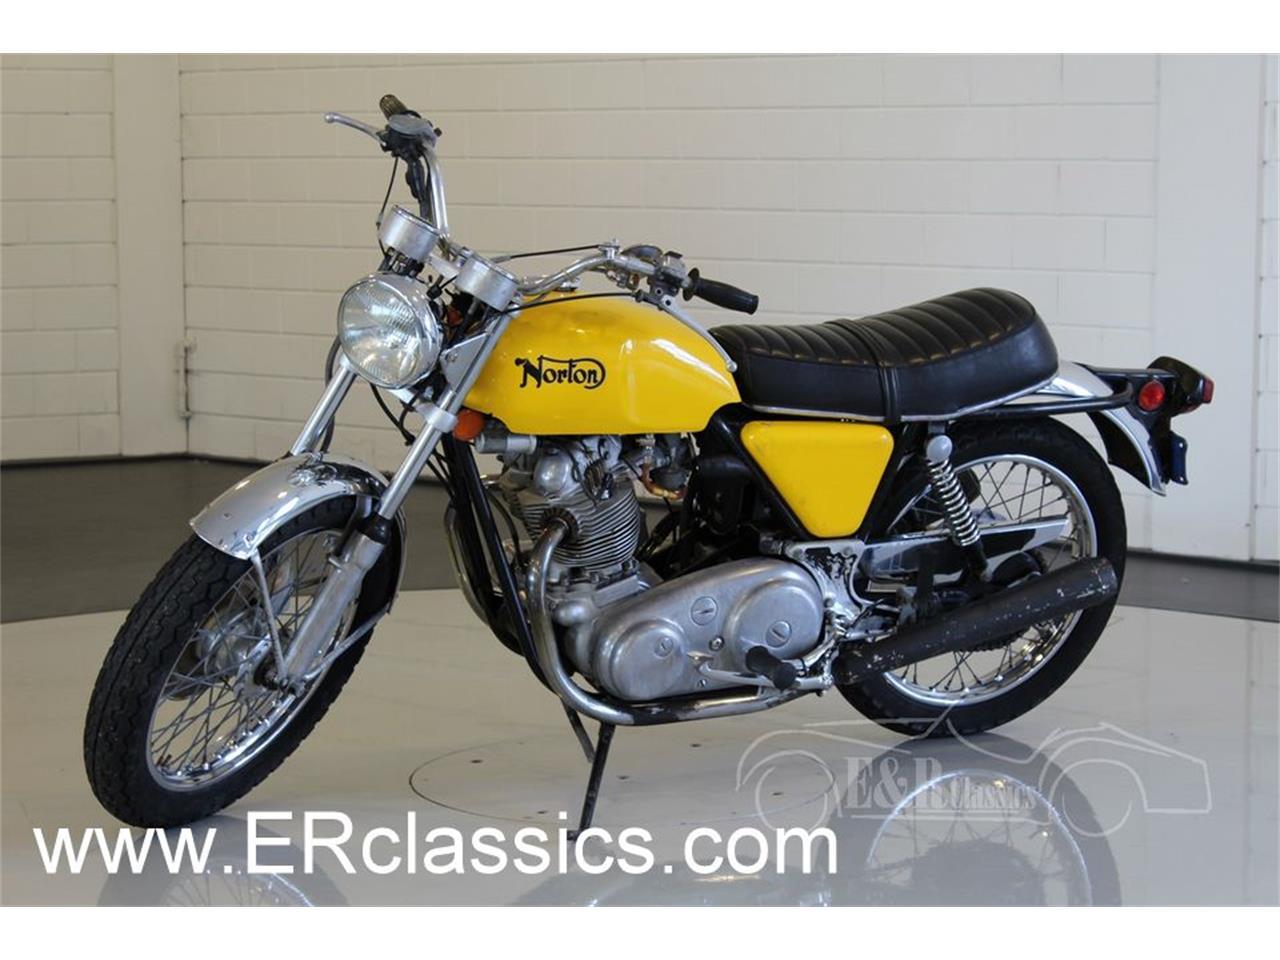 For Sale: 1972 Norton Commando in Waalwijk, noord brabant